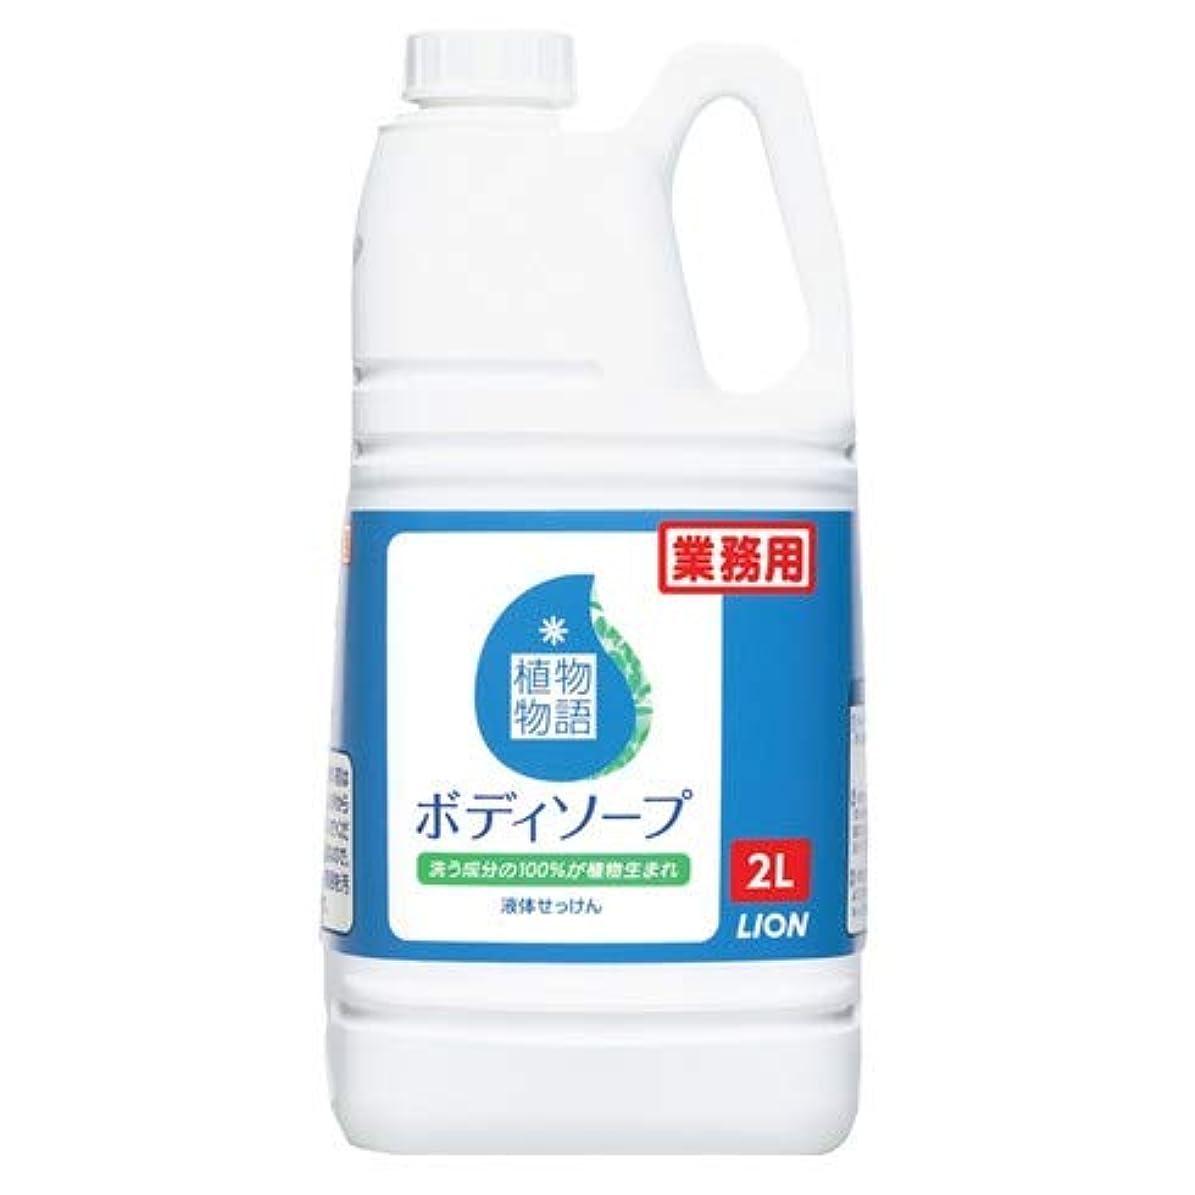 リムクロールロータリーライオン 植物物語ボディソープ 業務用 2L